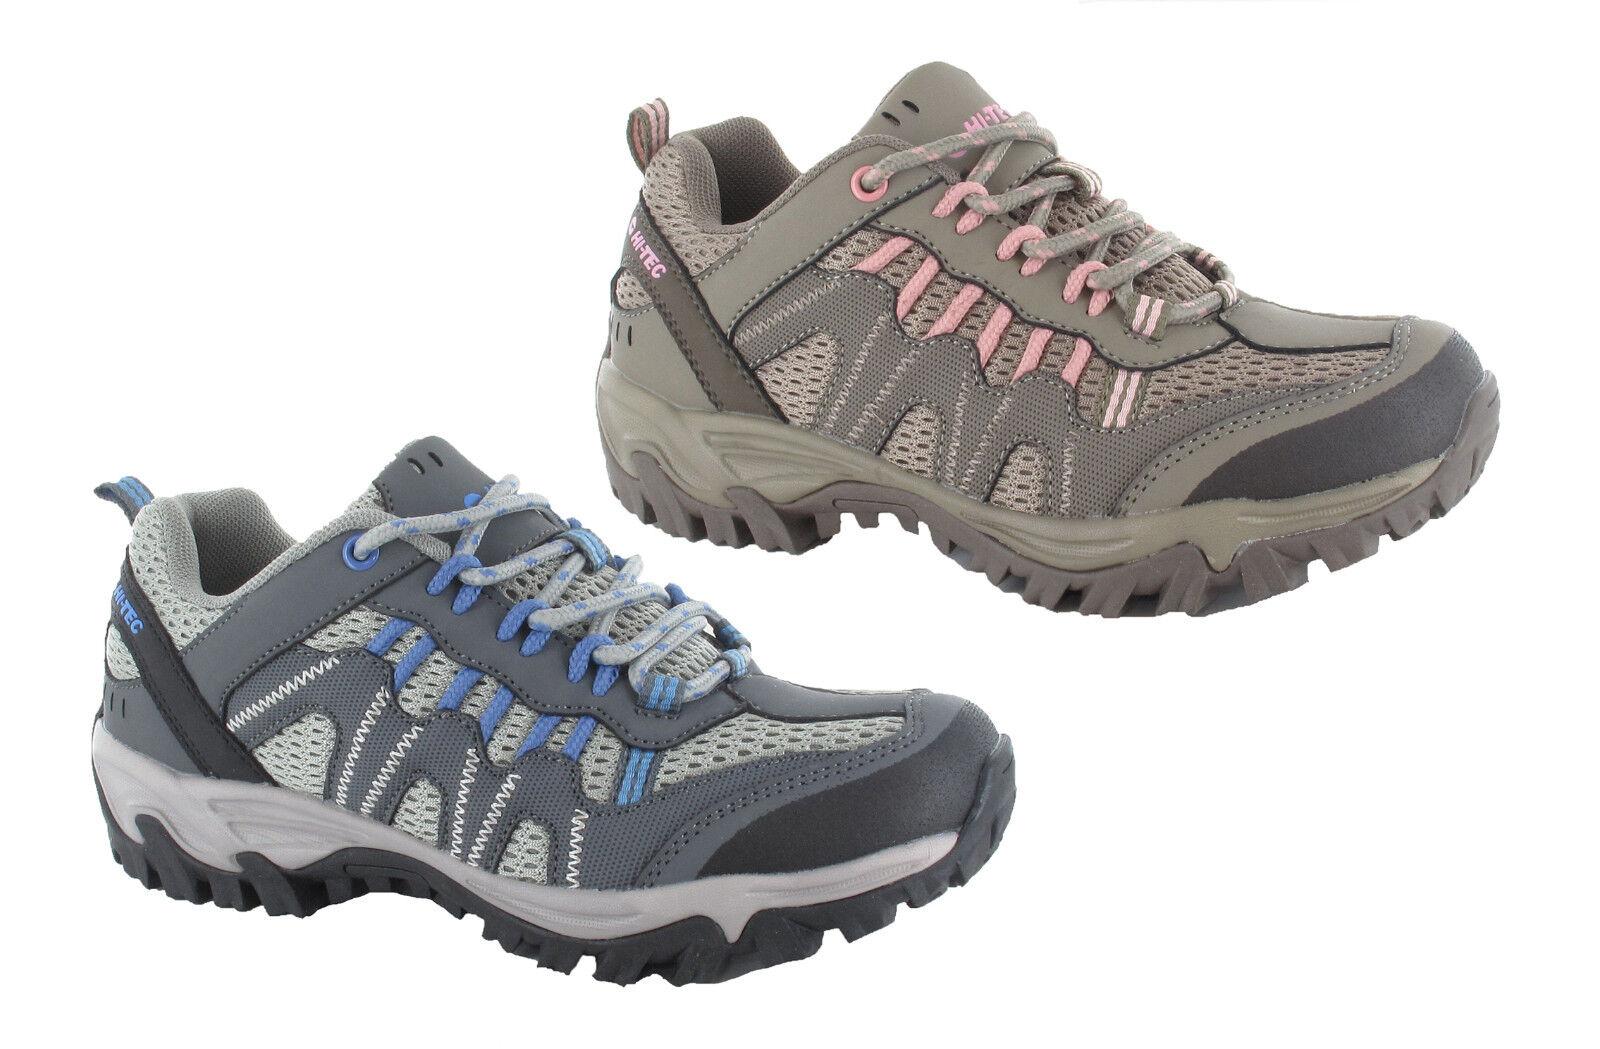 e386e812 Details about Hi-Tec Jaguar Womens Walking Outdoor Comfort Trail Trainer 2  Colours UK4-8